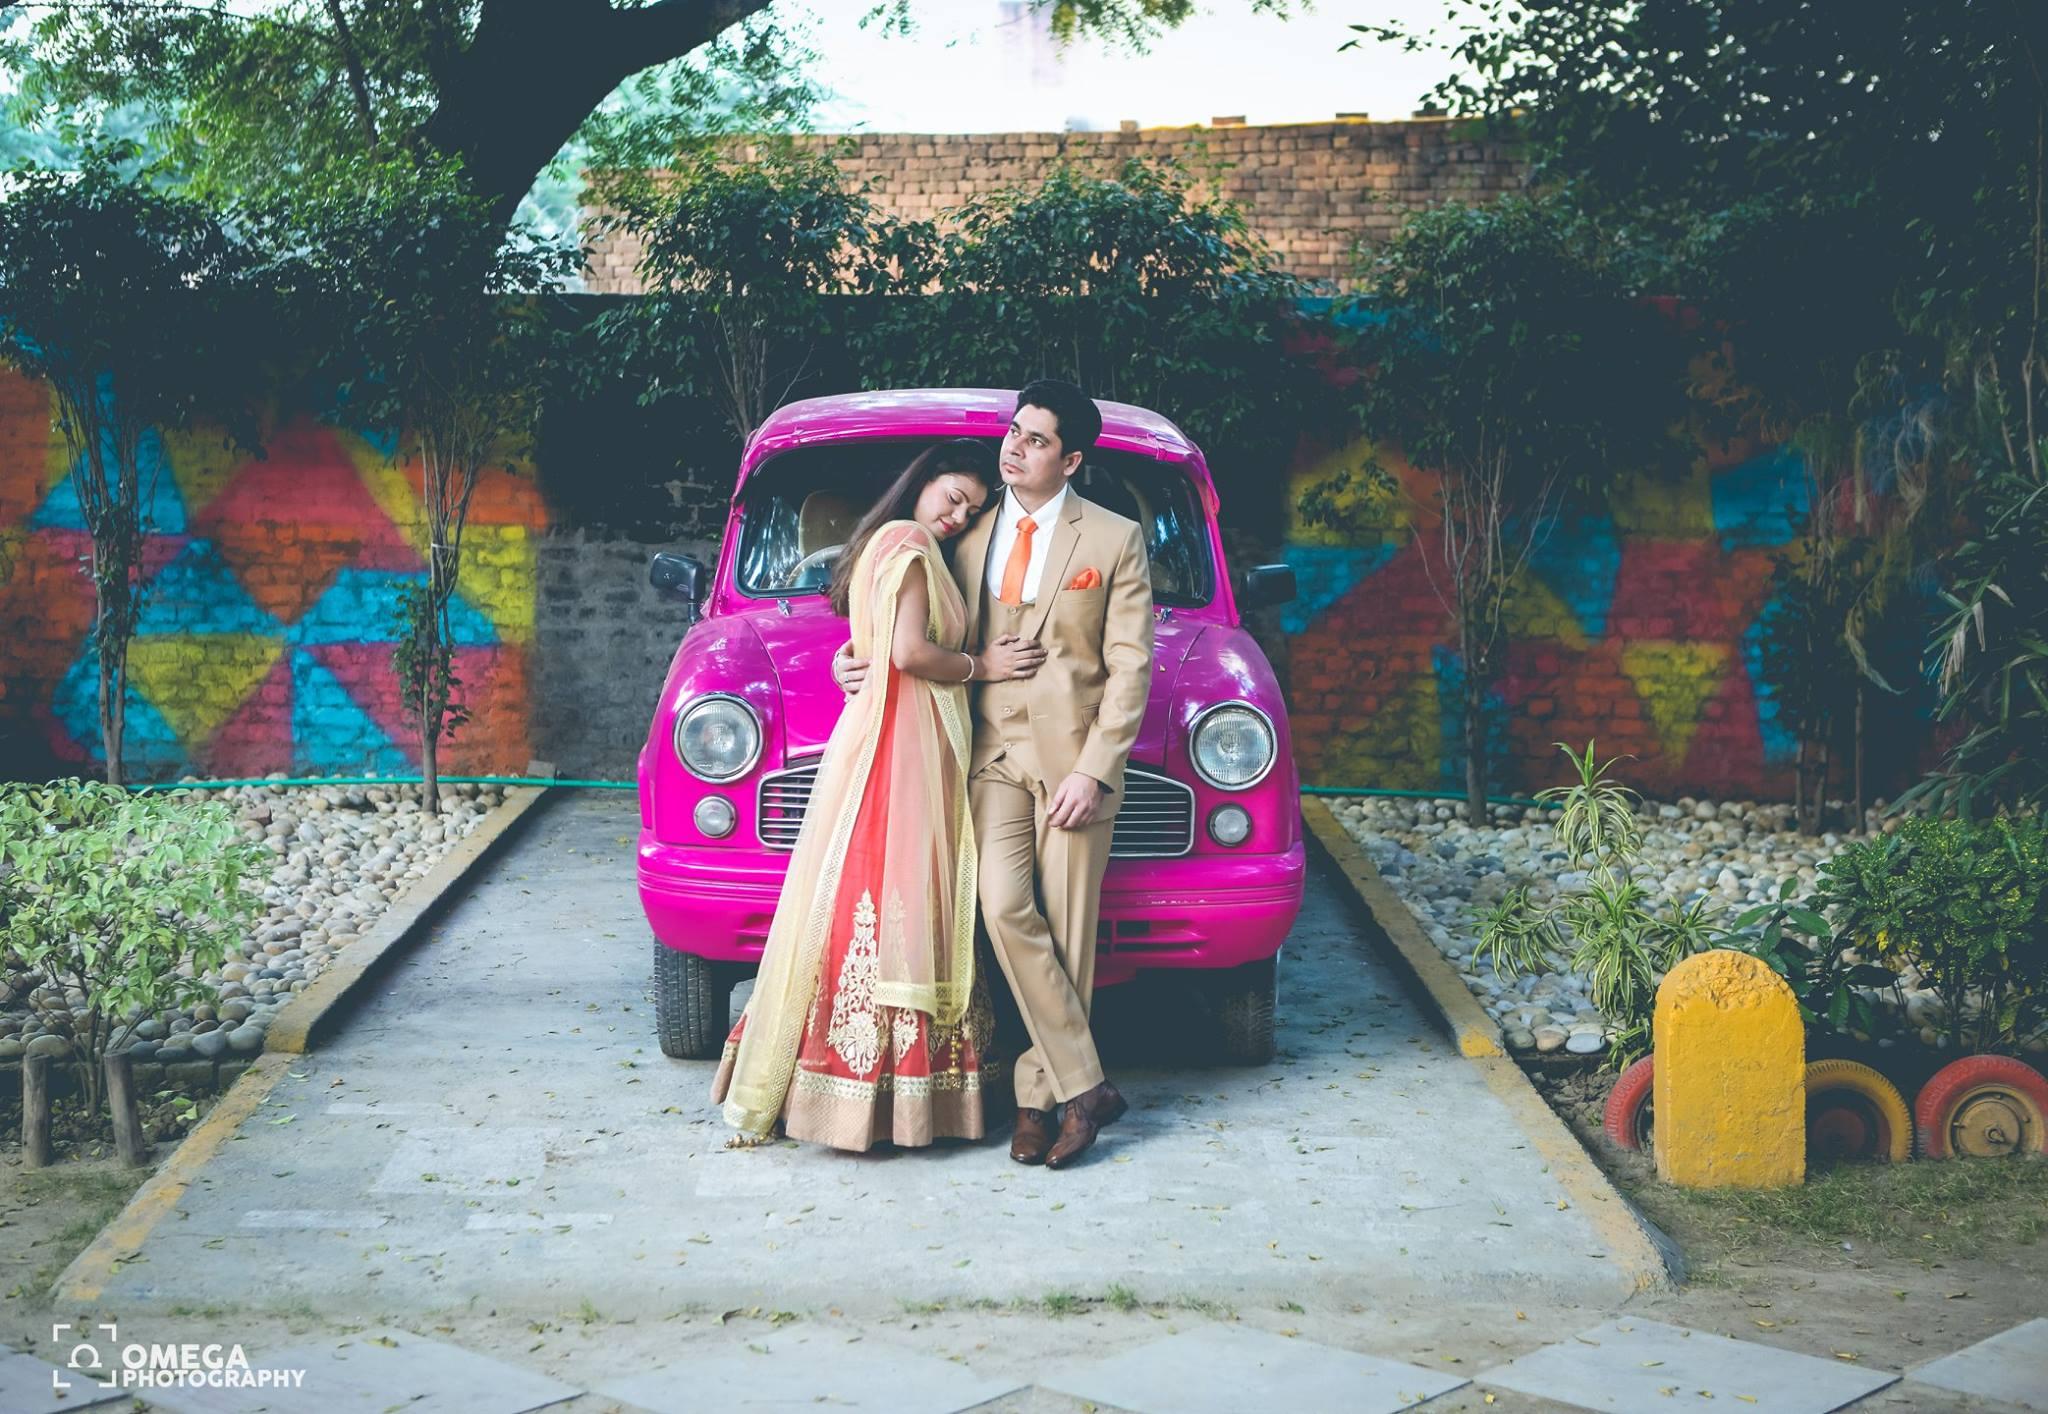 pre wedding photo-shoot ideas